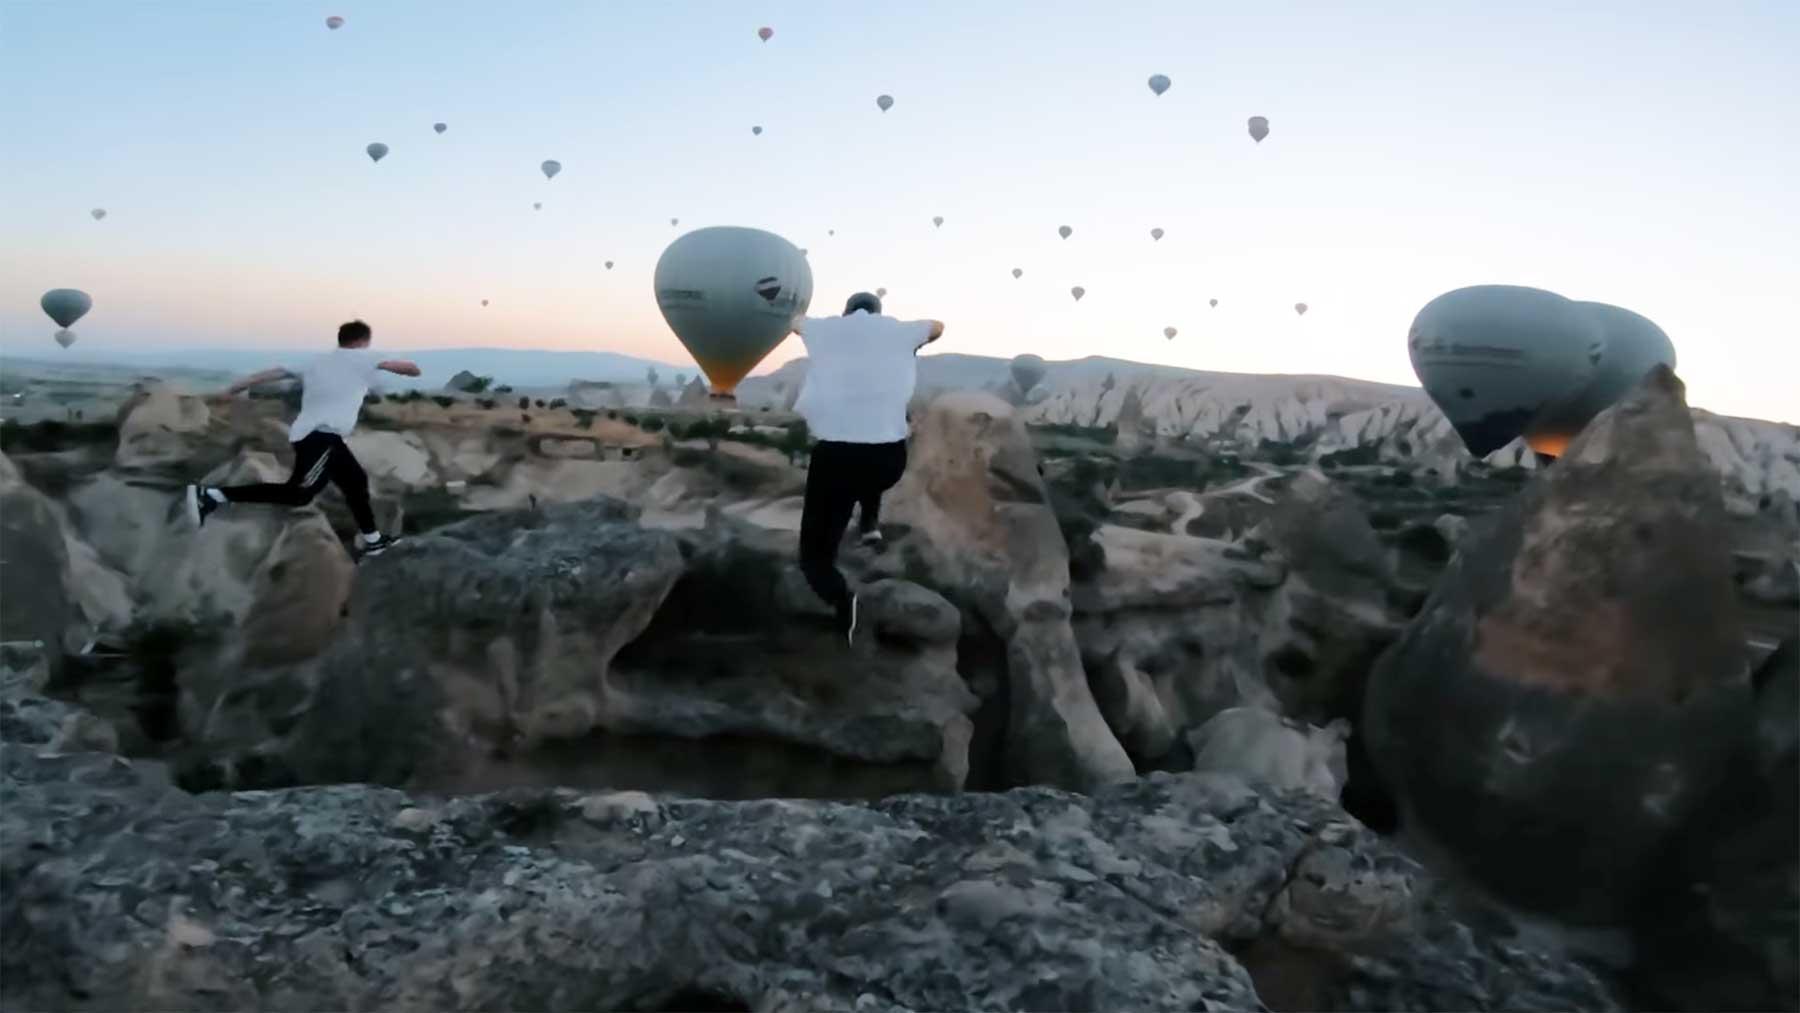 Parkour und ein Himmel voller Heißluftballons parkour-mit-lauter-heissluftballons